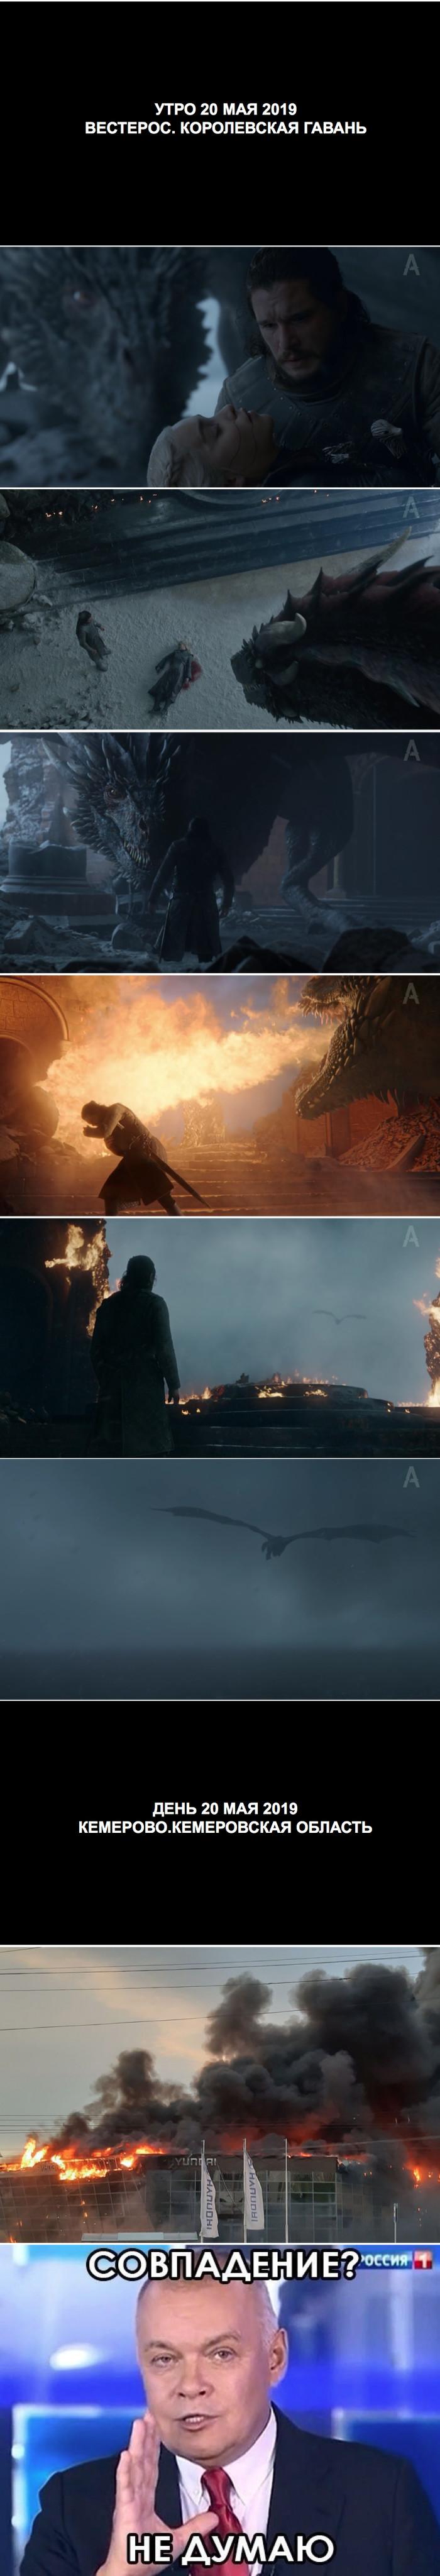 Дракарис ! Игра престолов, Спойлер, Кемерово, Пожар, Киселев, Совпадение, Дракон, Длиннопост